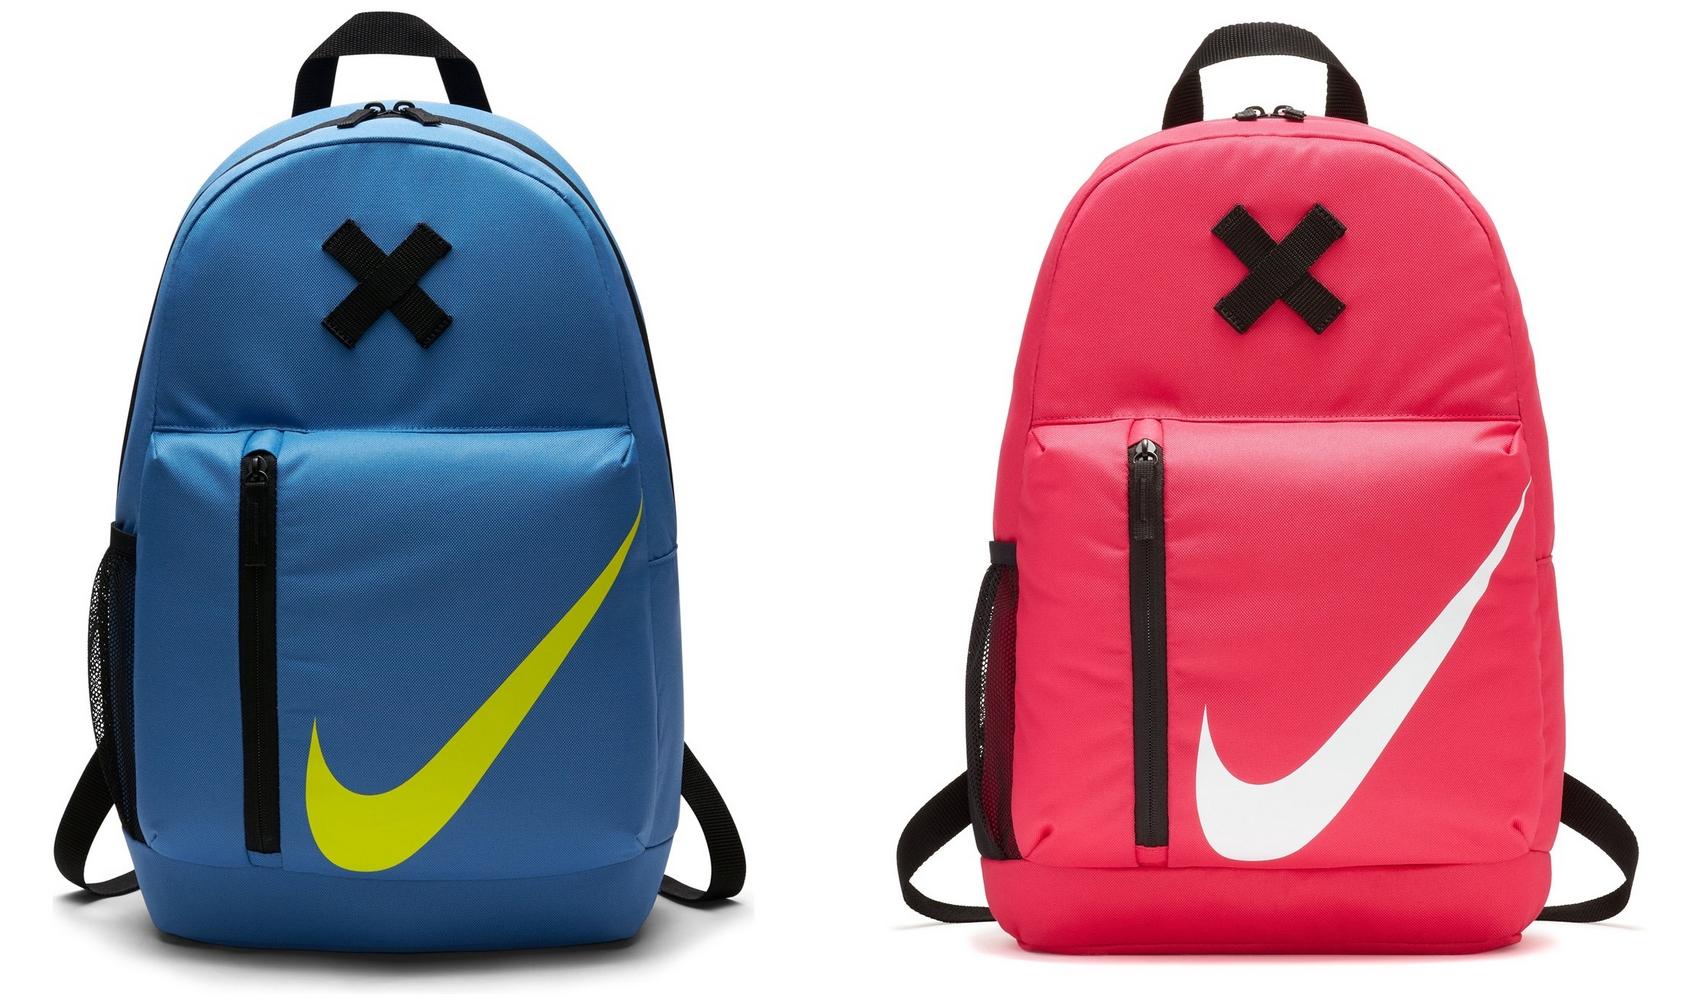 Szkolny plecak Nike Elemental z piórnikiem - 2 kolory - @SklepMartes - odbiór osobisty